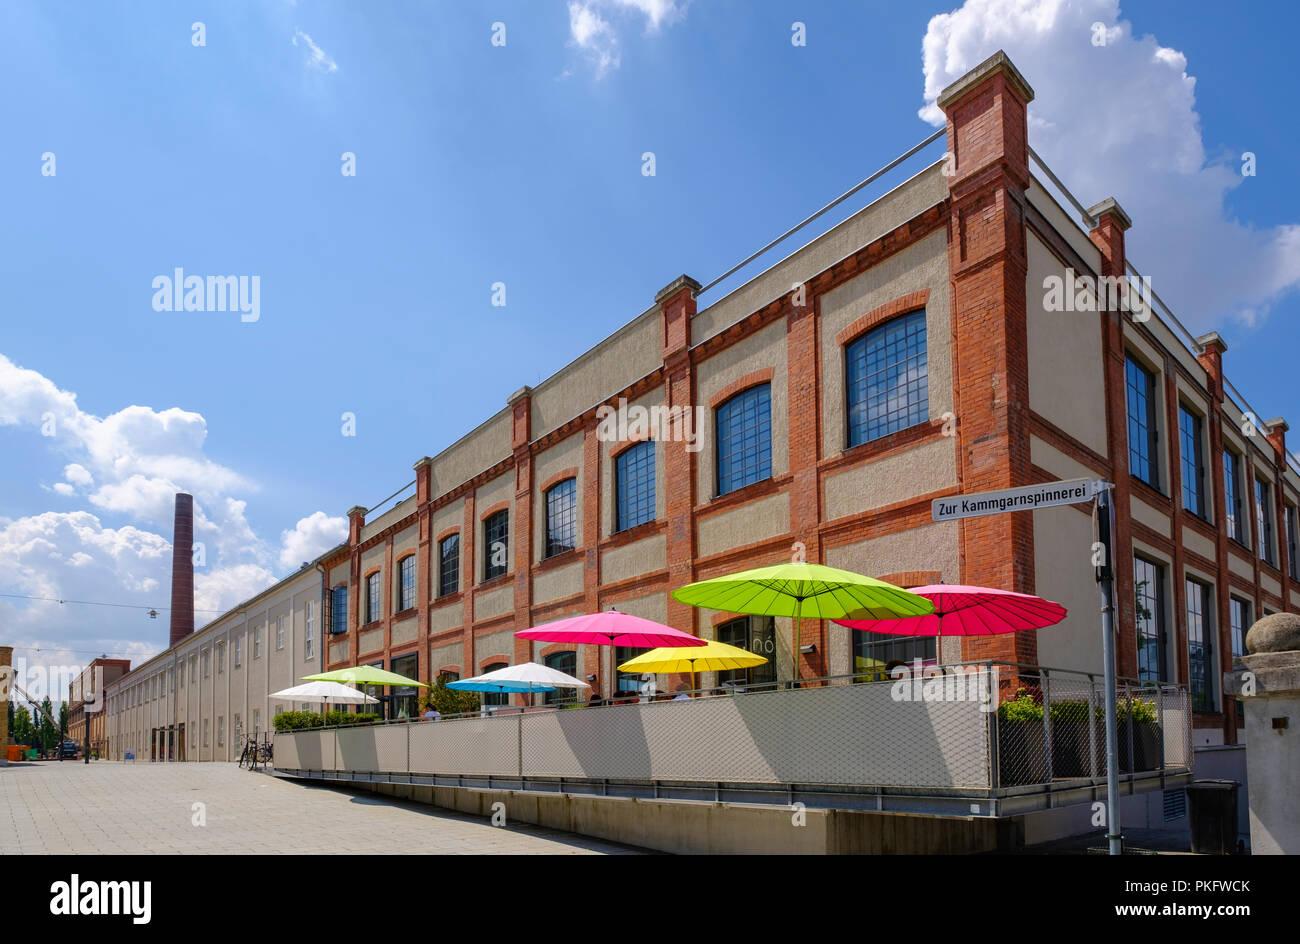 Restaurant nunó, textiles et industriels du textile Museum, trimestre, Augsburg, souabe, Bavière, Allemagne Banque D'Images